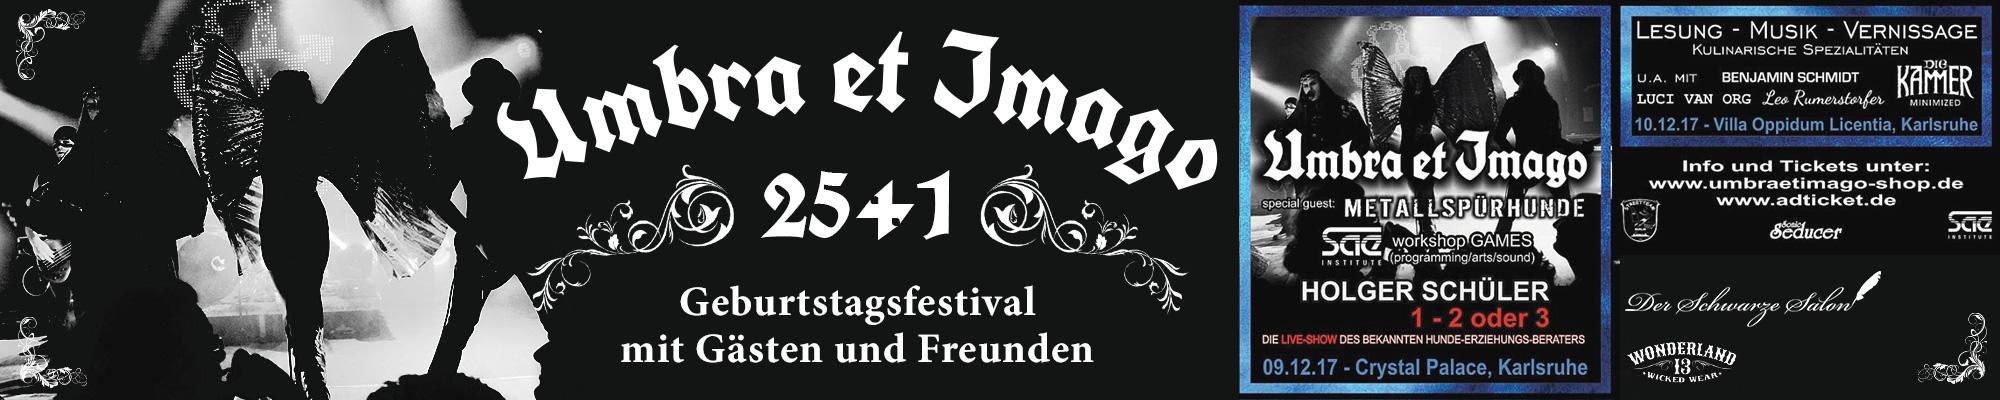 Banner-Umbrafest-2017